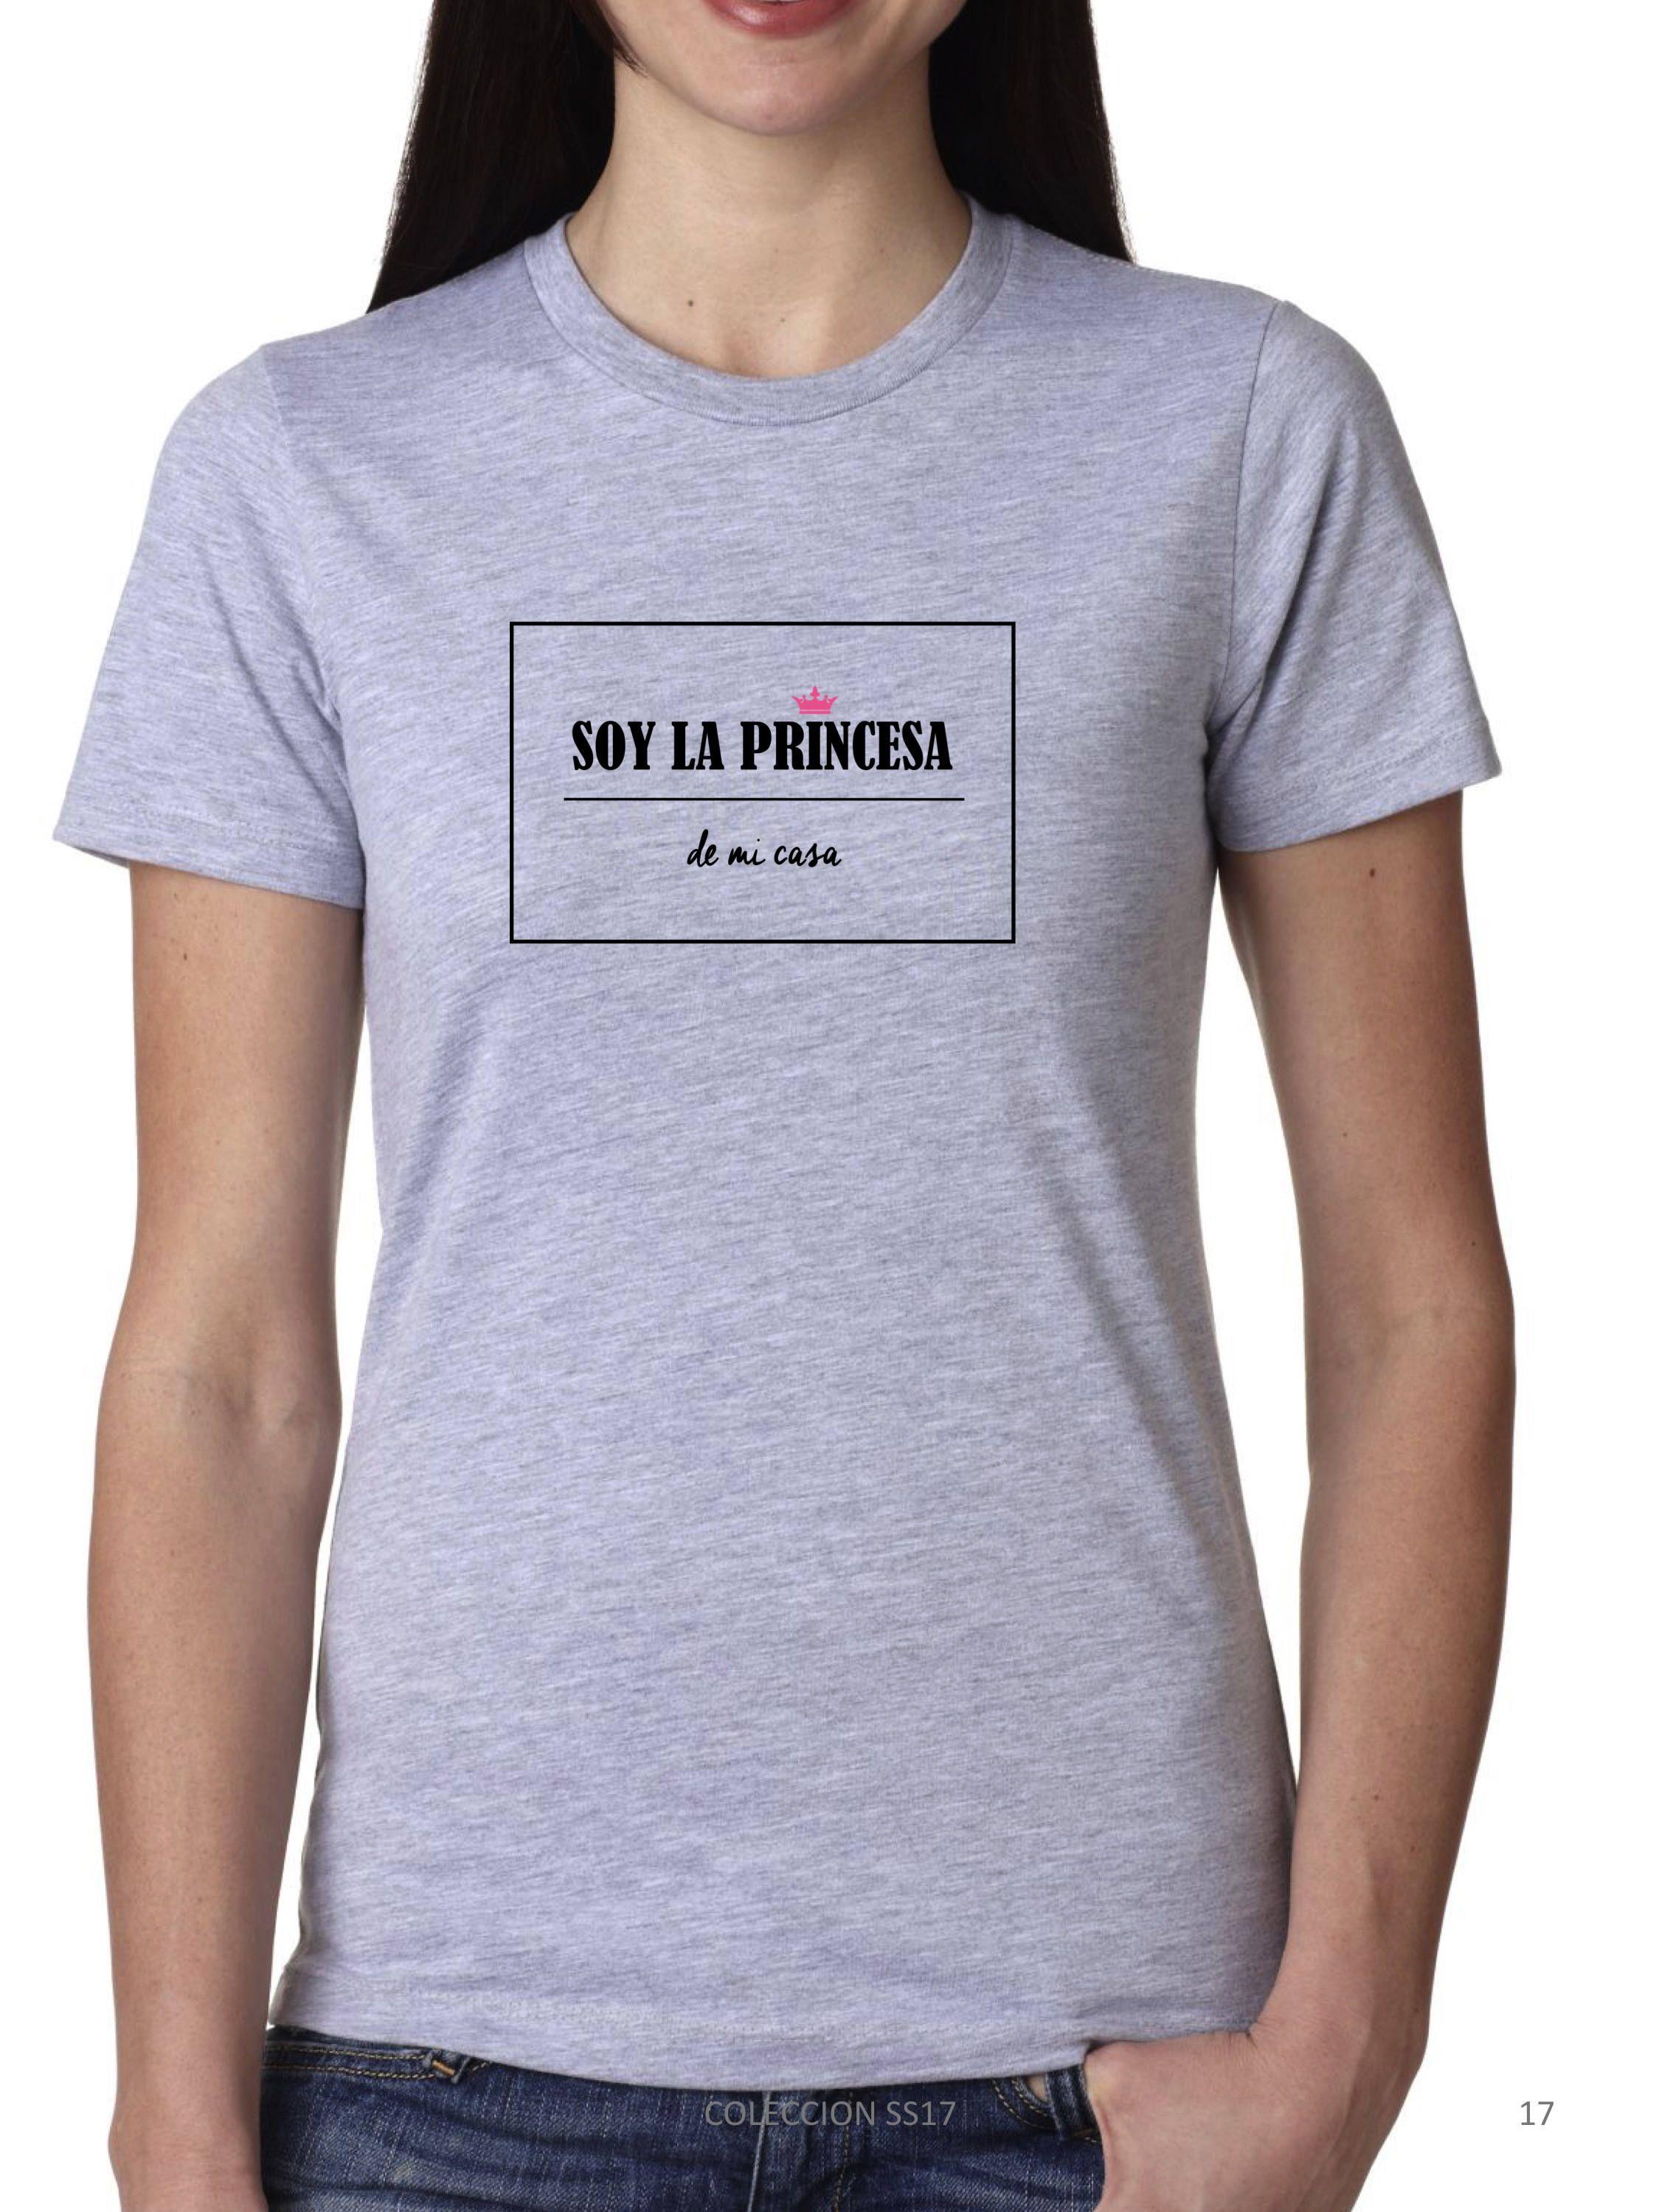 a0916220c Camiseta gris niña SOY LA PRINCESA de mi casa de DECHARCOENCHARCO en Elsy.  camisetas para